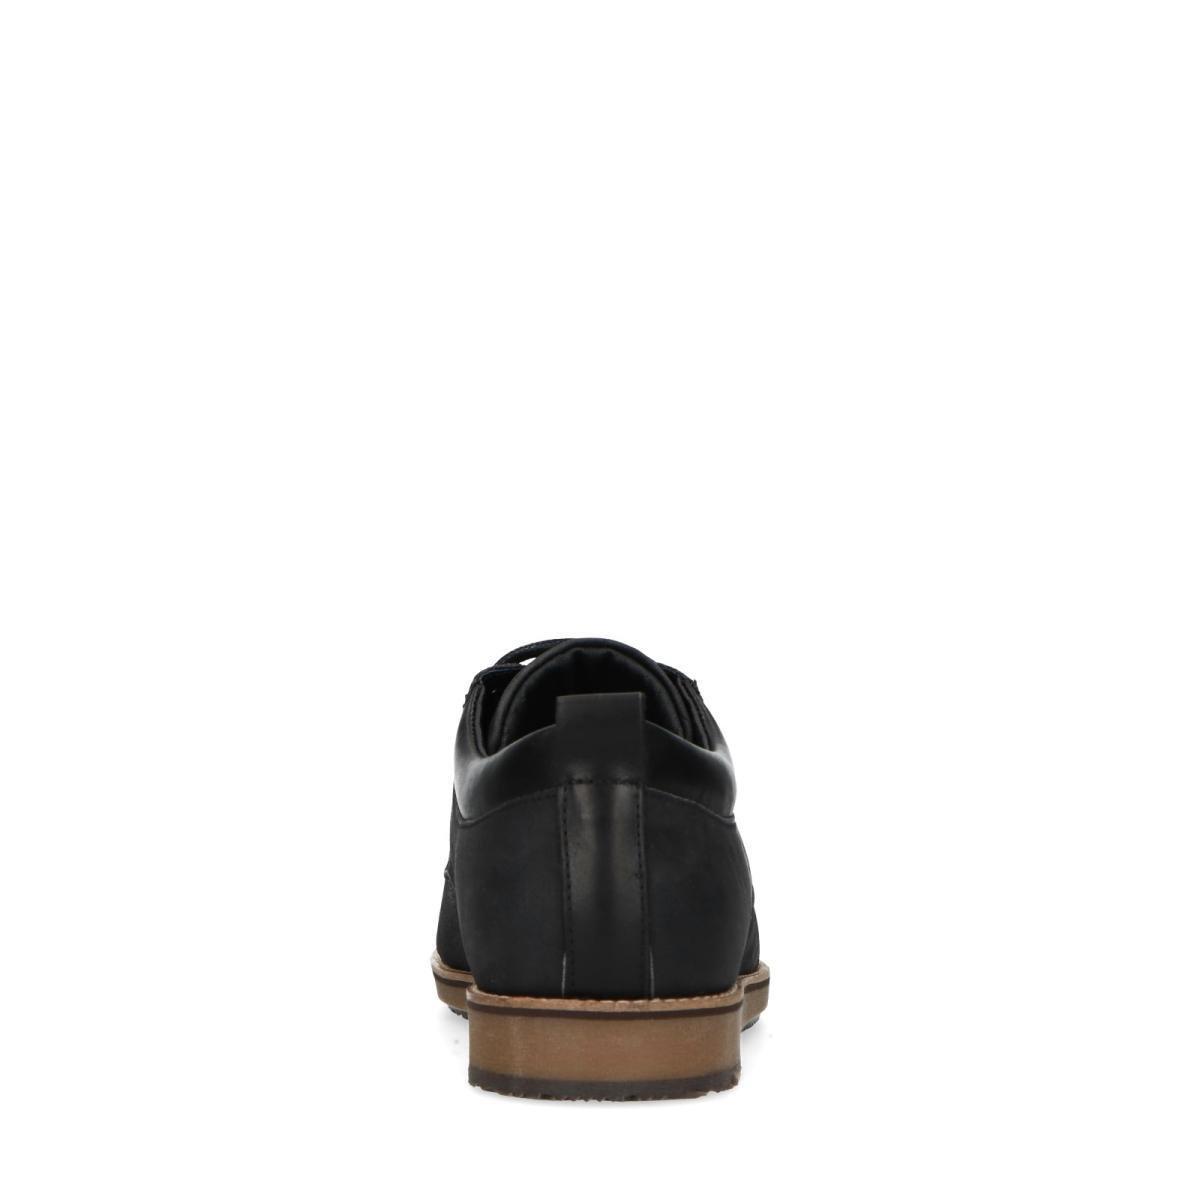 Manfield - Heren - Zwarte casual veterschoenen - Maat 45 Veterschoenen